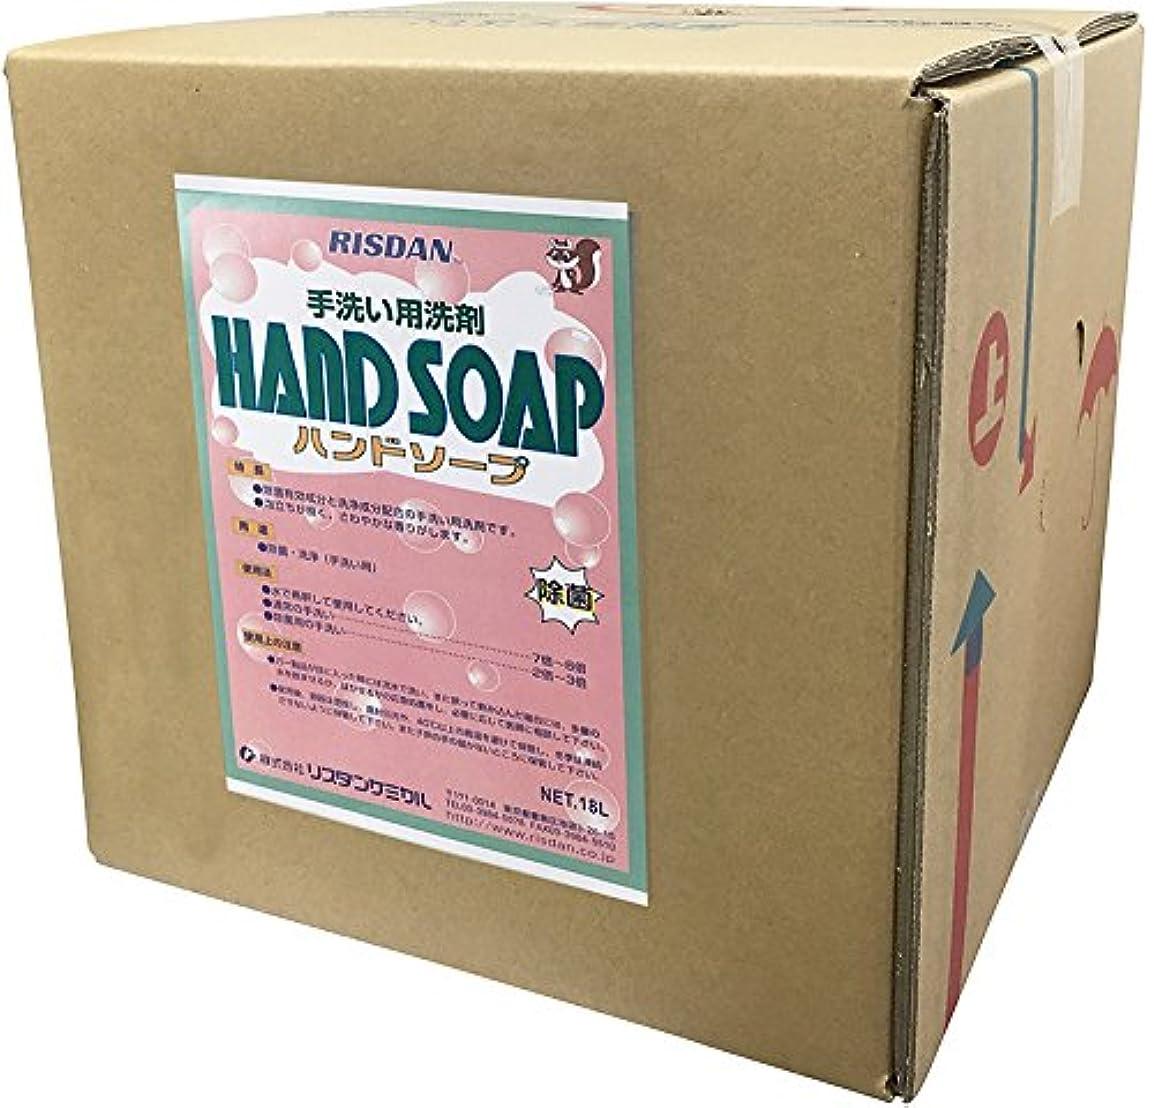 リダクター生じる舌リスダンケミカル ハンドソープ 18L 手洗い用洗剤